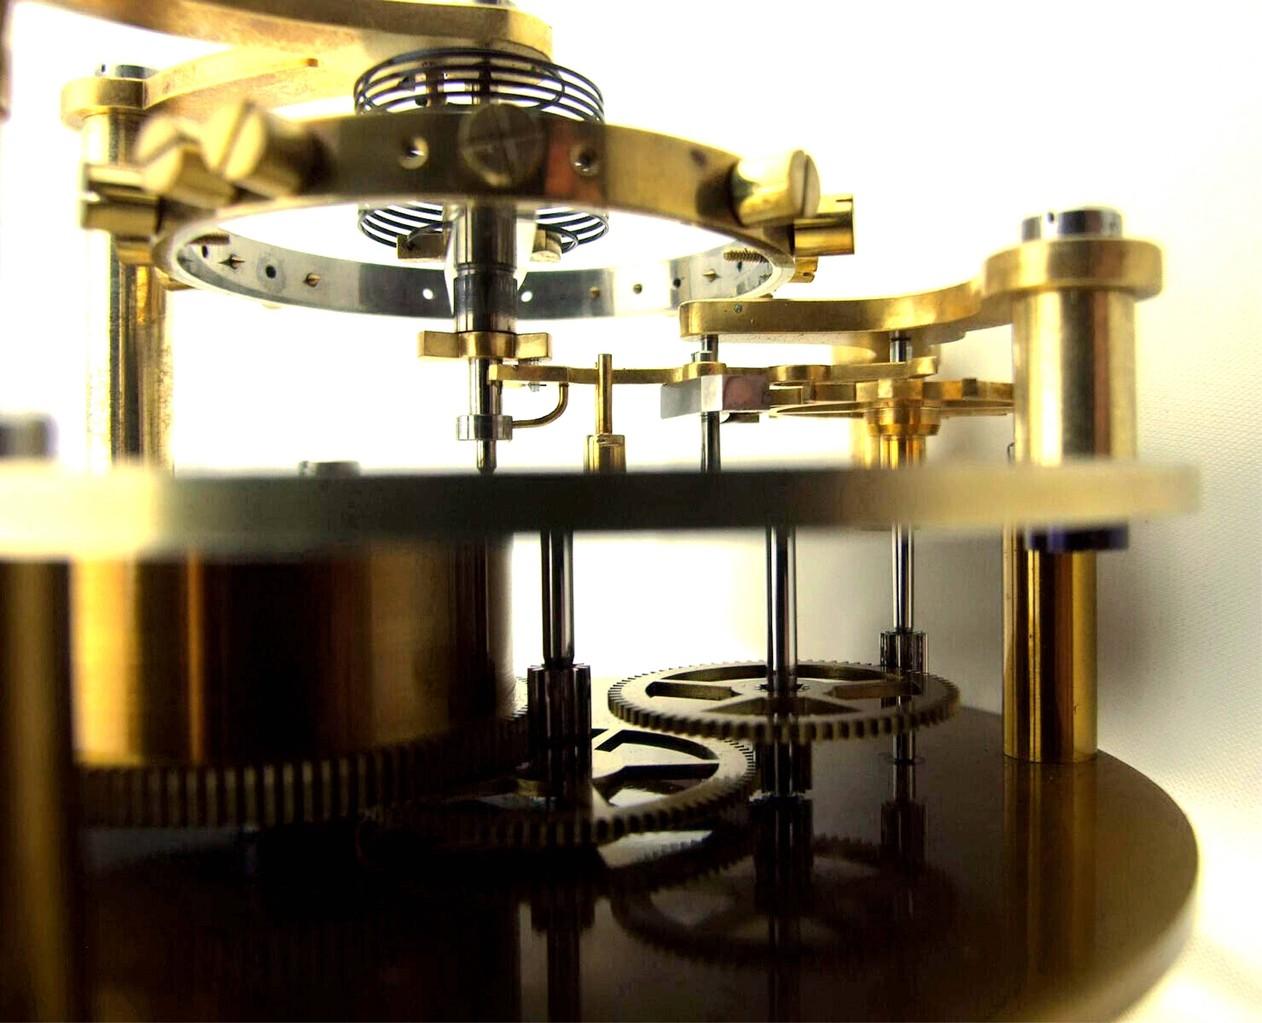 Zweiteiliger Anker (Messing/Stahl) mit den beiden Ankerwegsbegrenzungsstiften